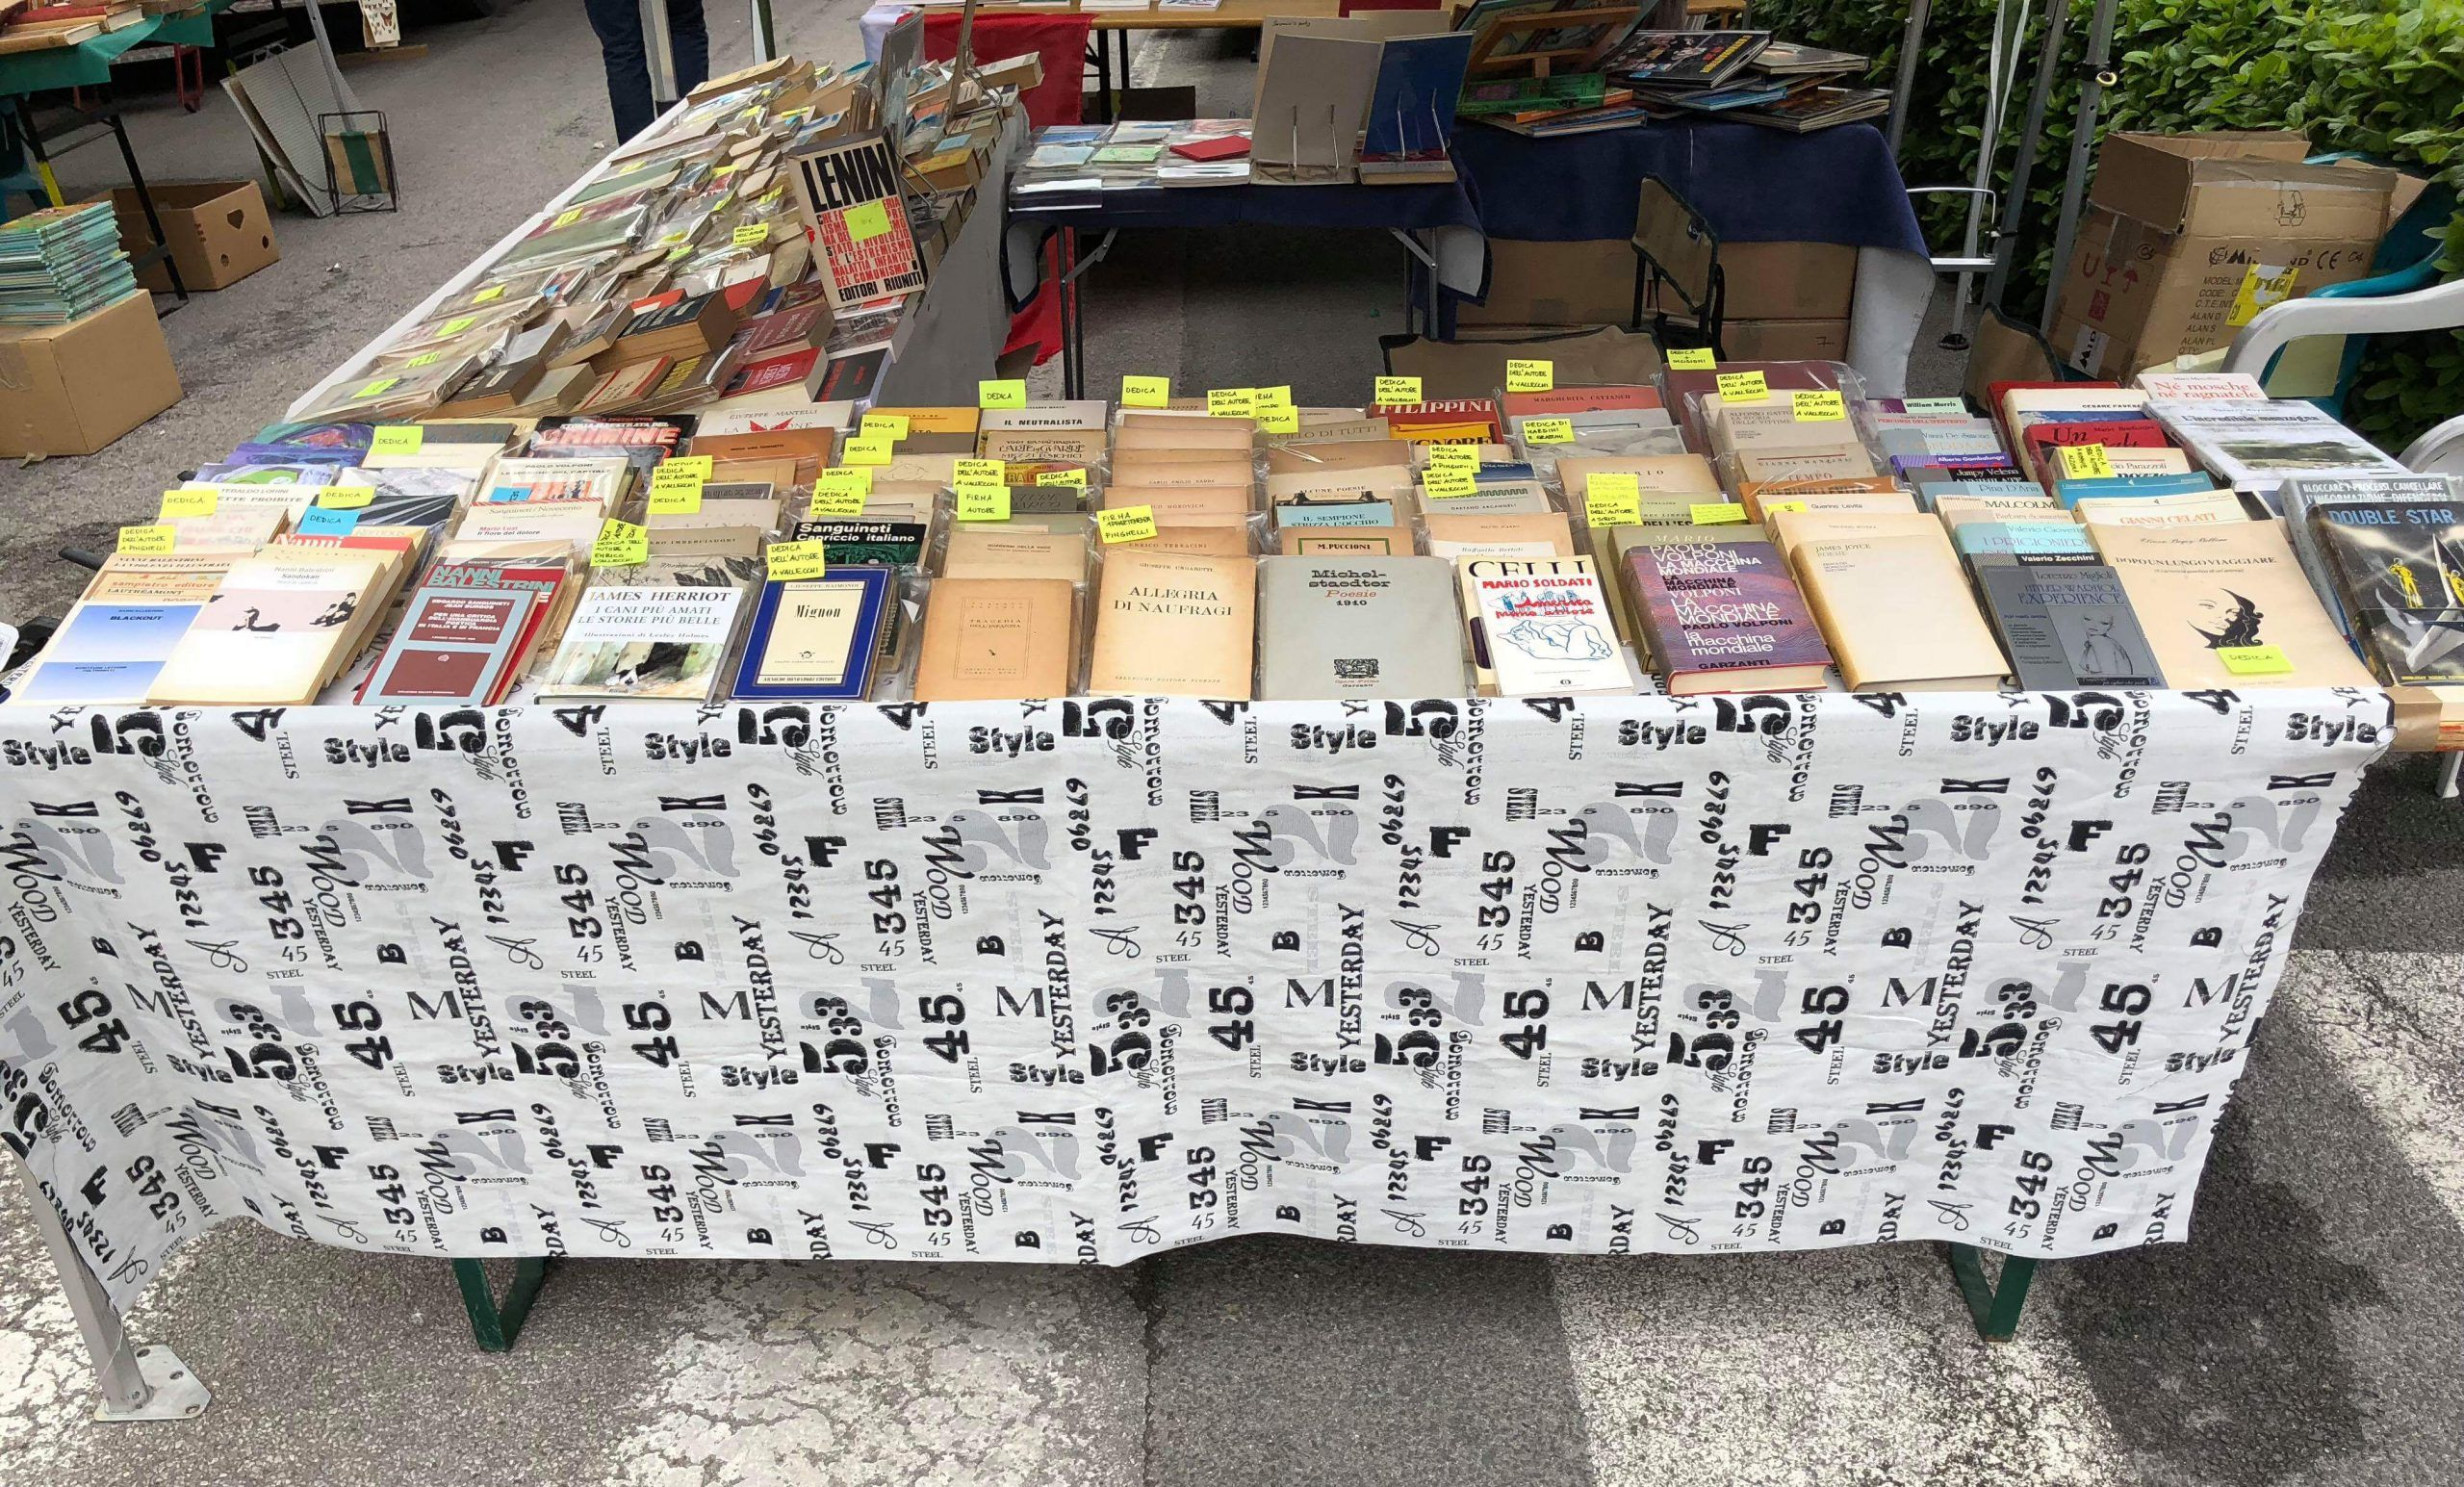 Libri rari in vendita il 12 e 13/5 a Torrita di Siena